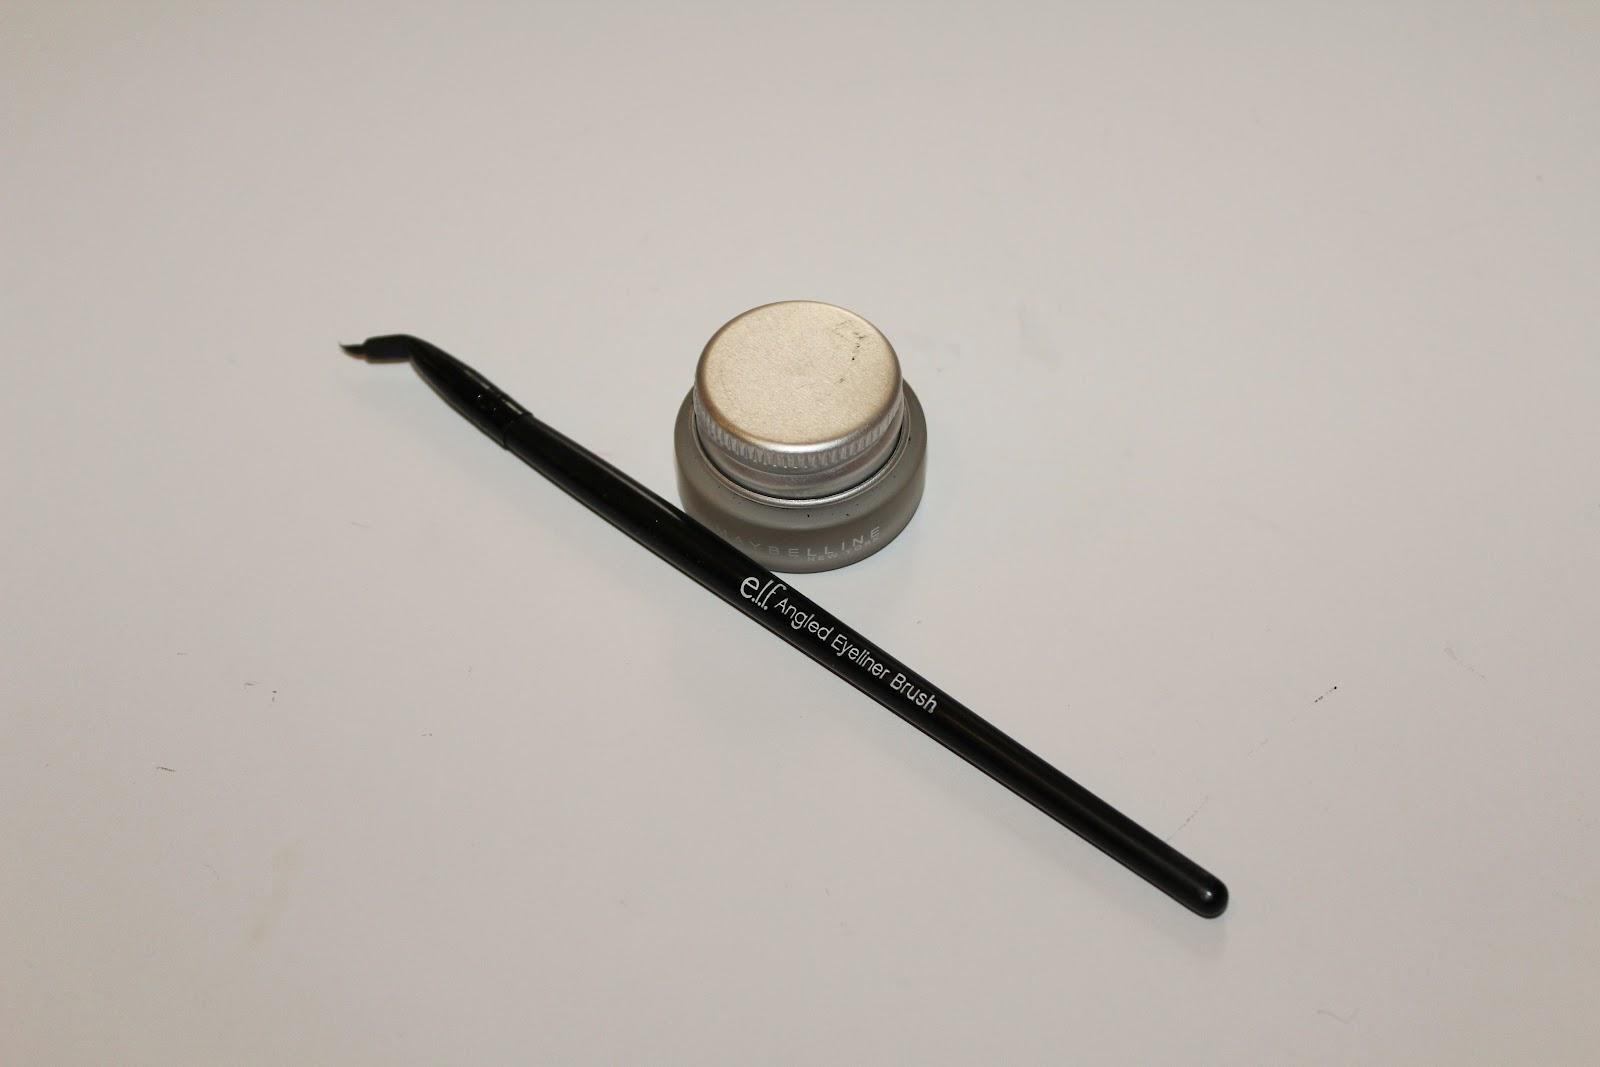 Angled eye liner brush